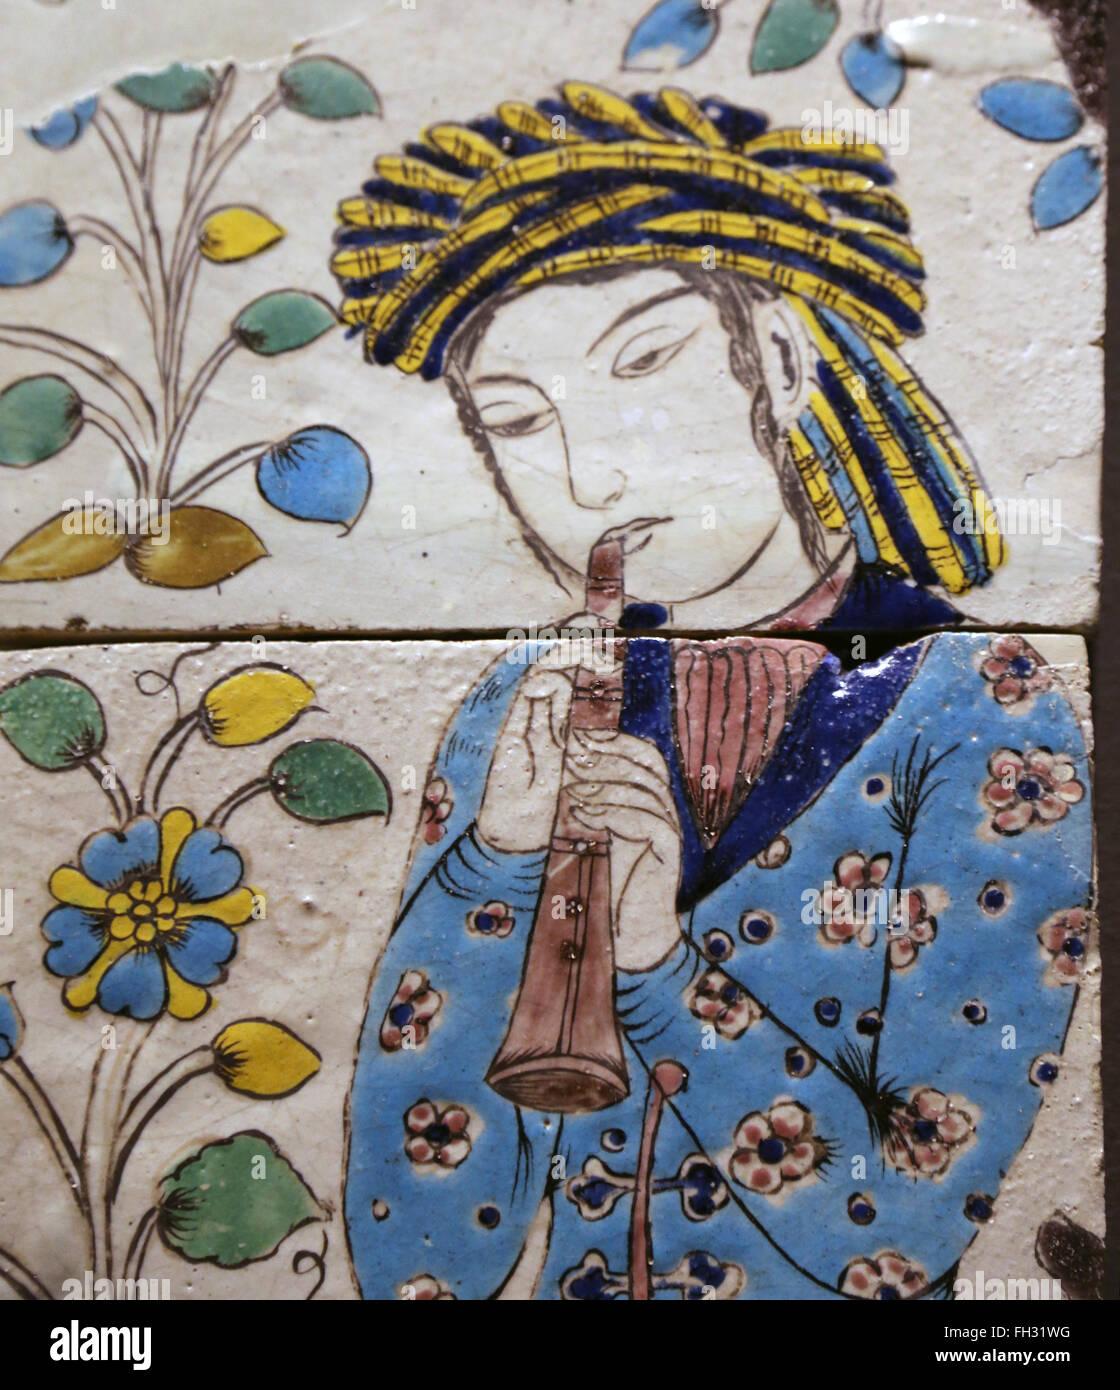 Pannello con flautista. L'Iran. Isfahan. 1680-1730. Piastrella. Vetri colorati. Isfahan. Periodo di Safavid. Immagini Stock